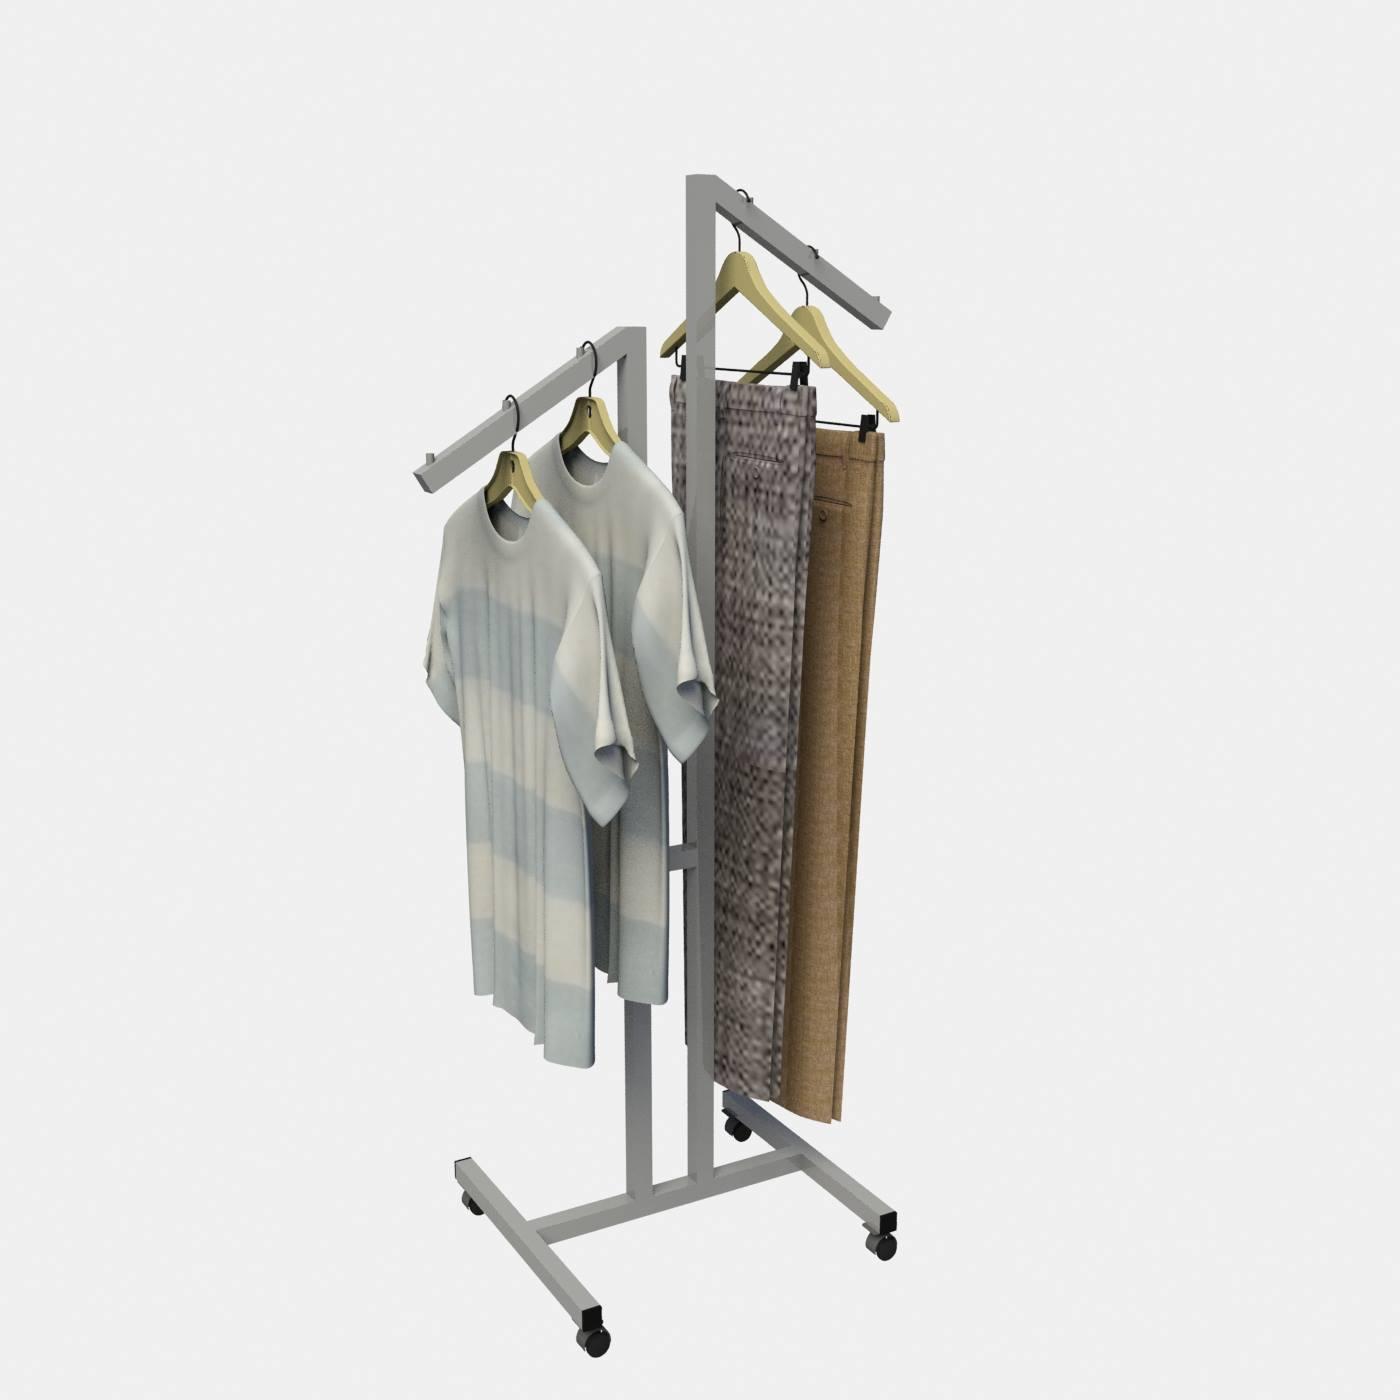 Καλόγερος ρούχων με κλίση σταντ ενδυμάτων έπιπλα καταστημάτων εξοπλισμός καταστήματος